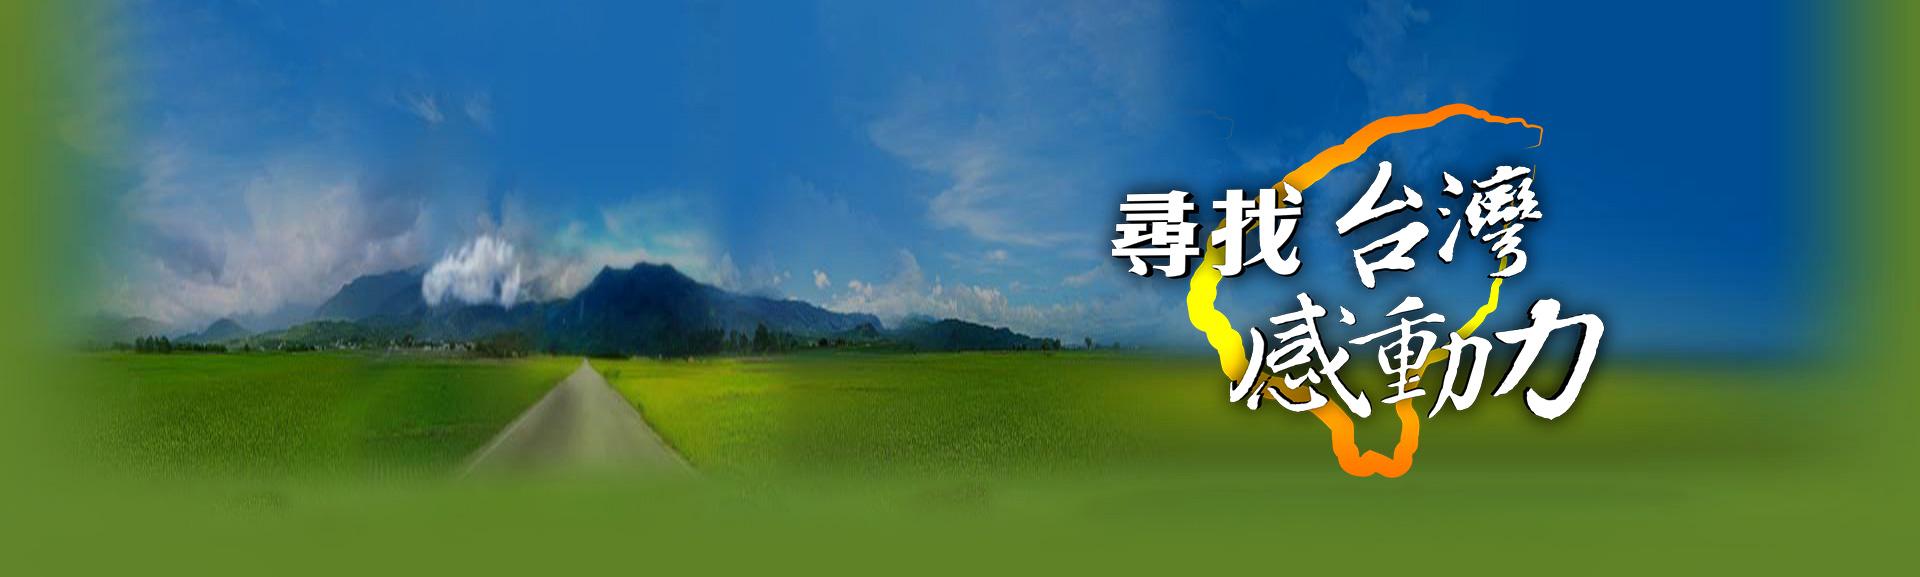 尋找台灣感動力